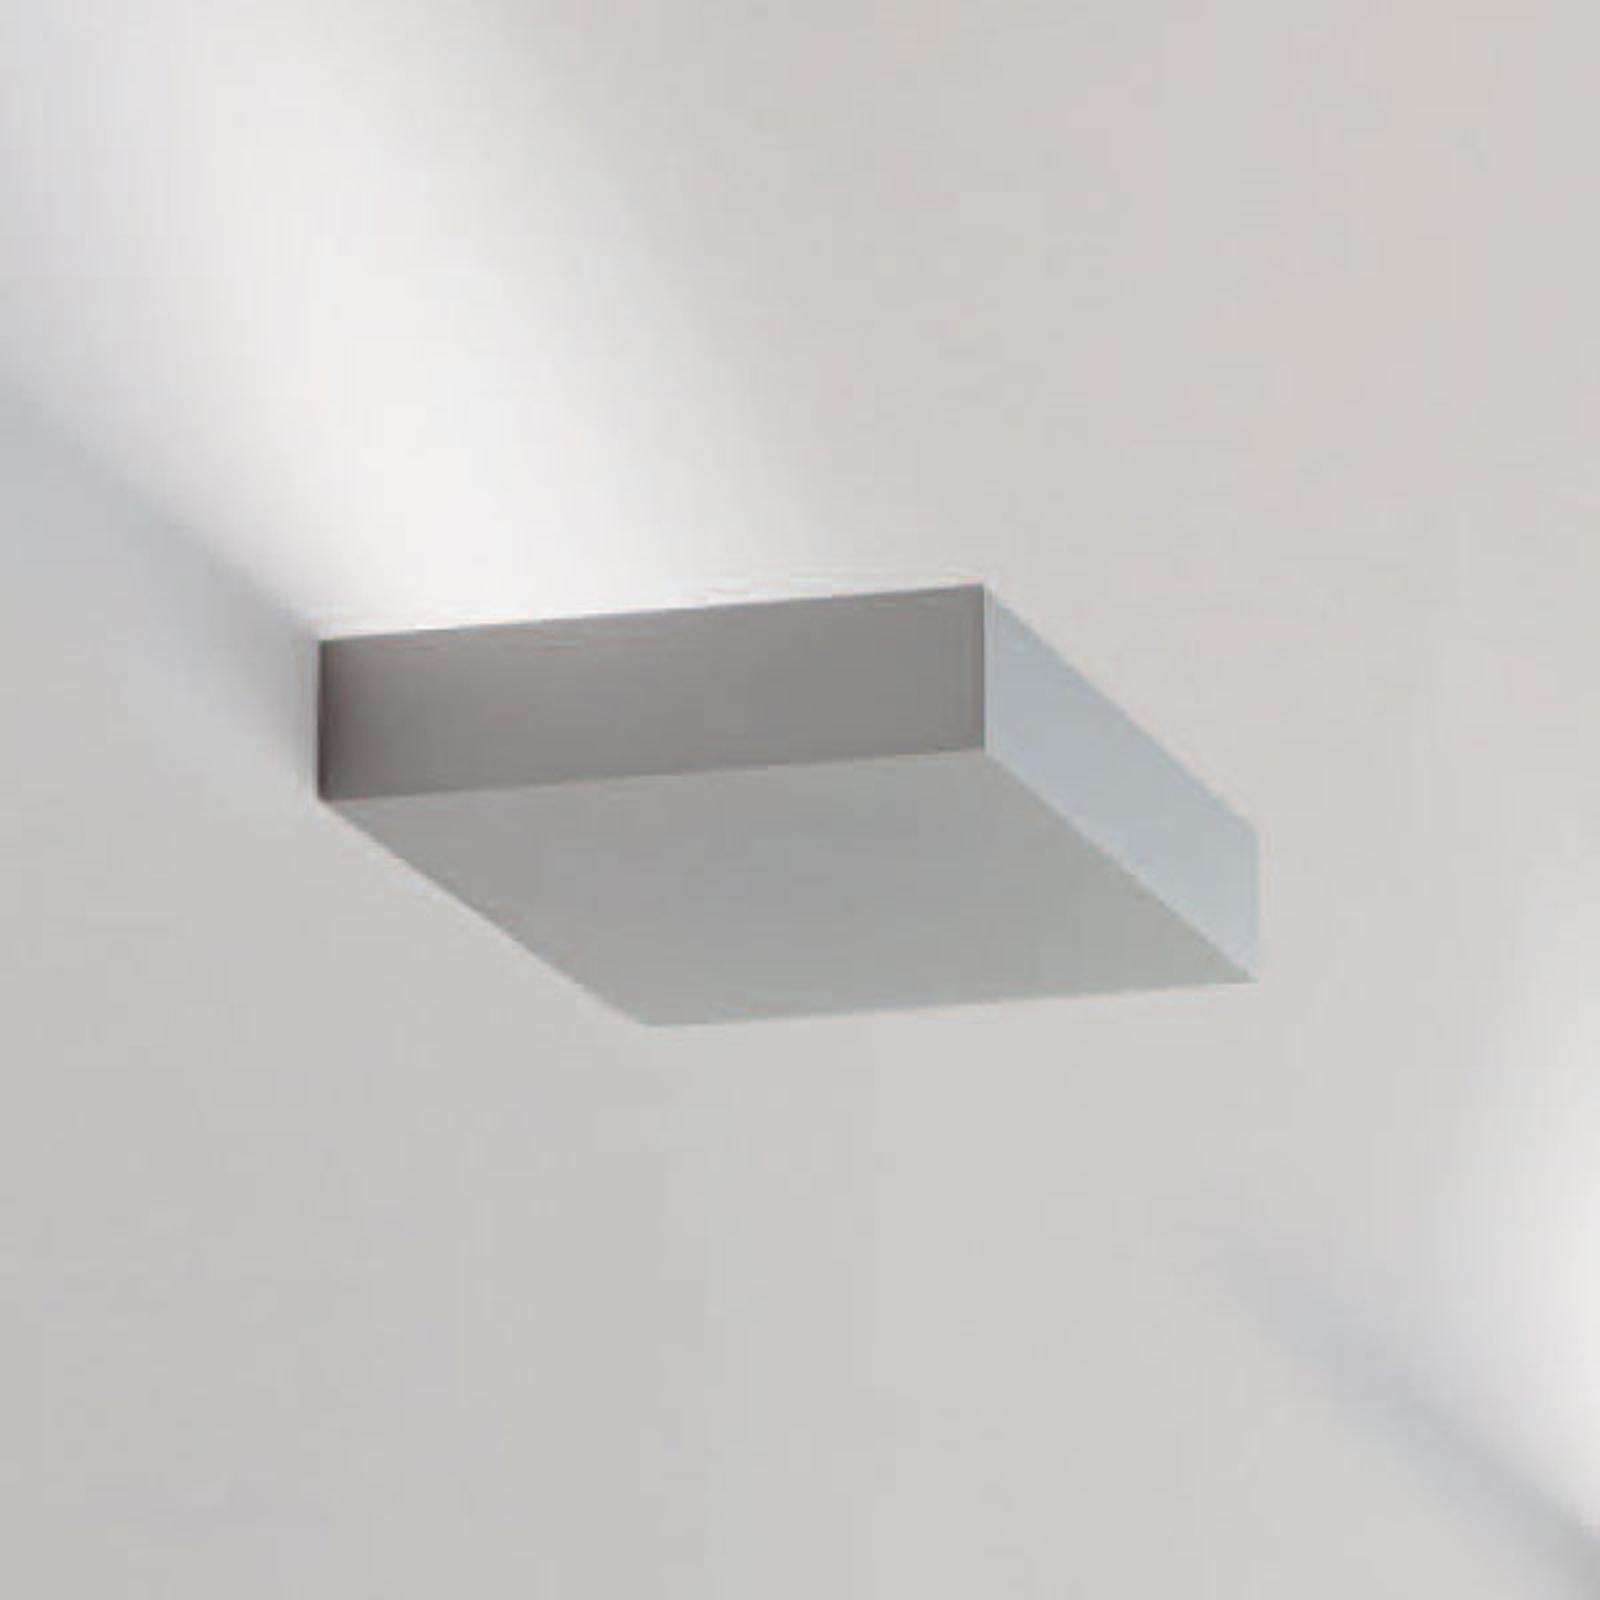 LED wandlamp Regolo, lengte 16,3 cm, aluminium